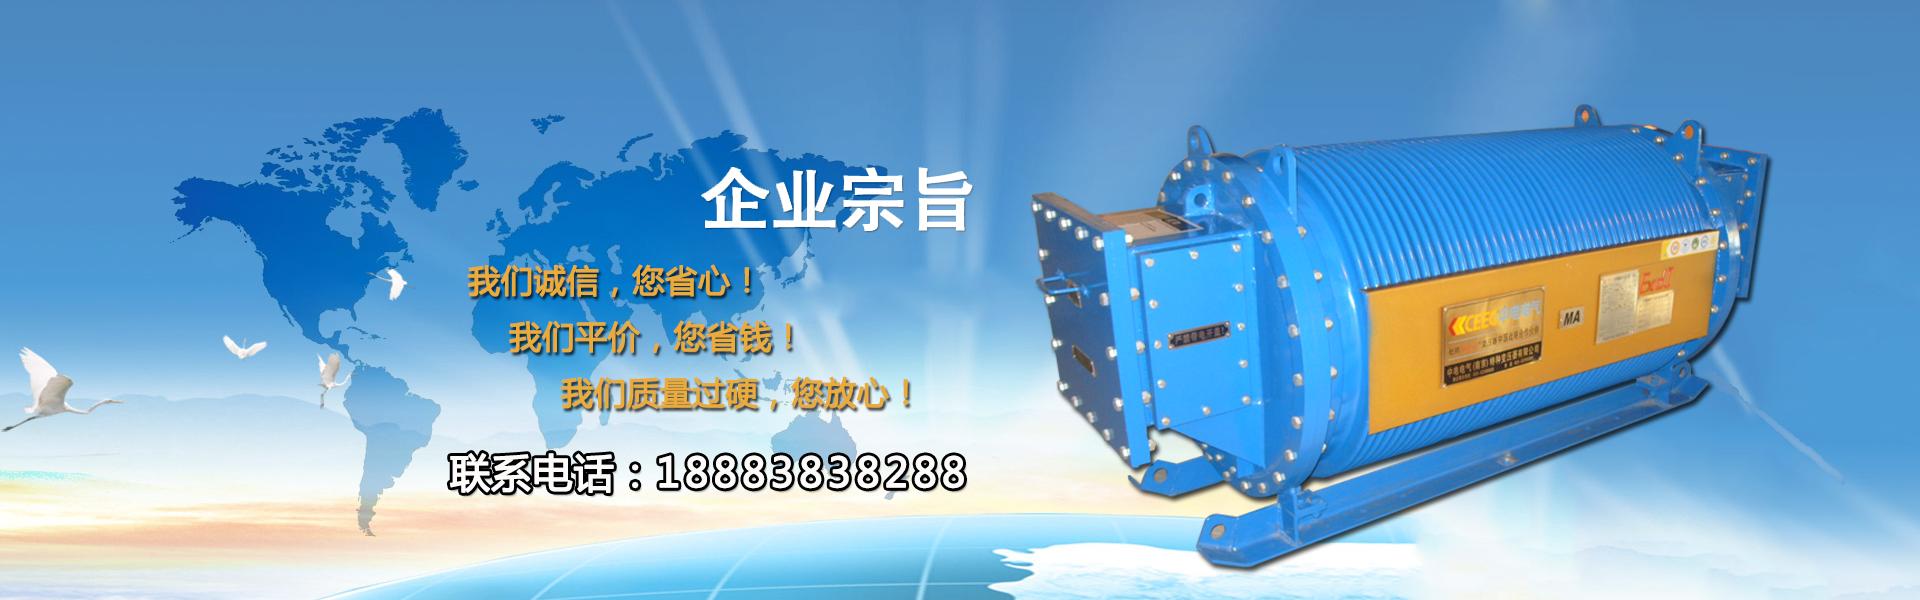 重庆煤矿设备企业宗旨:诚信、平价、质量过硬,让你省心省钱并放心!